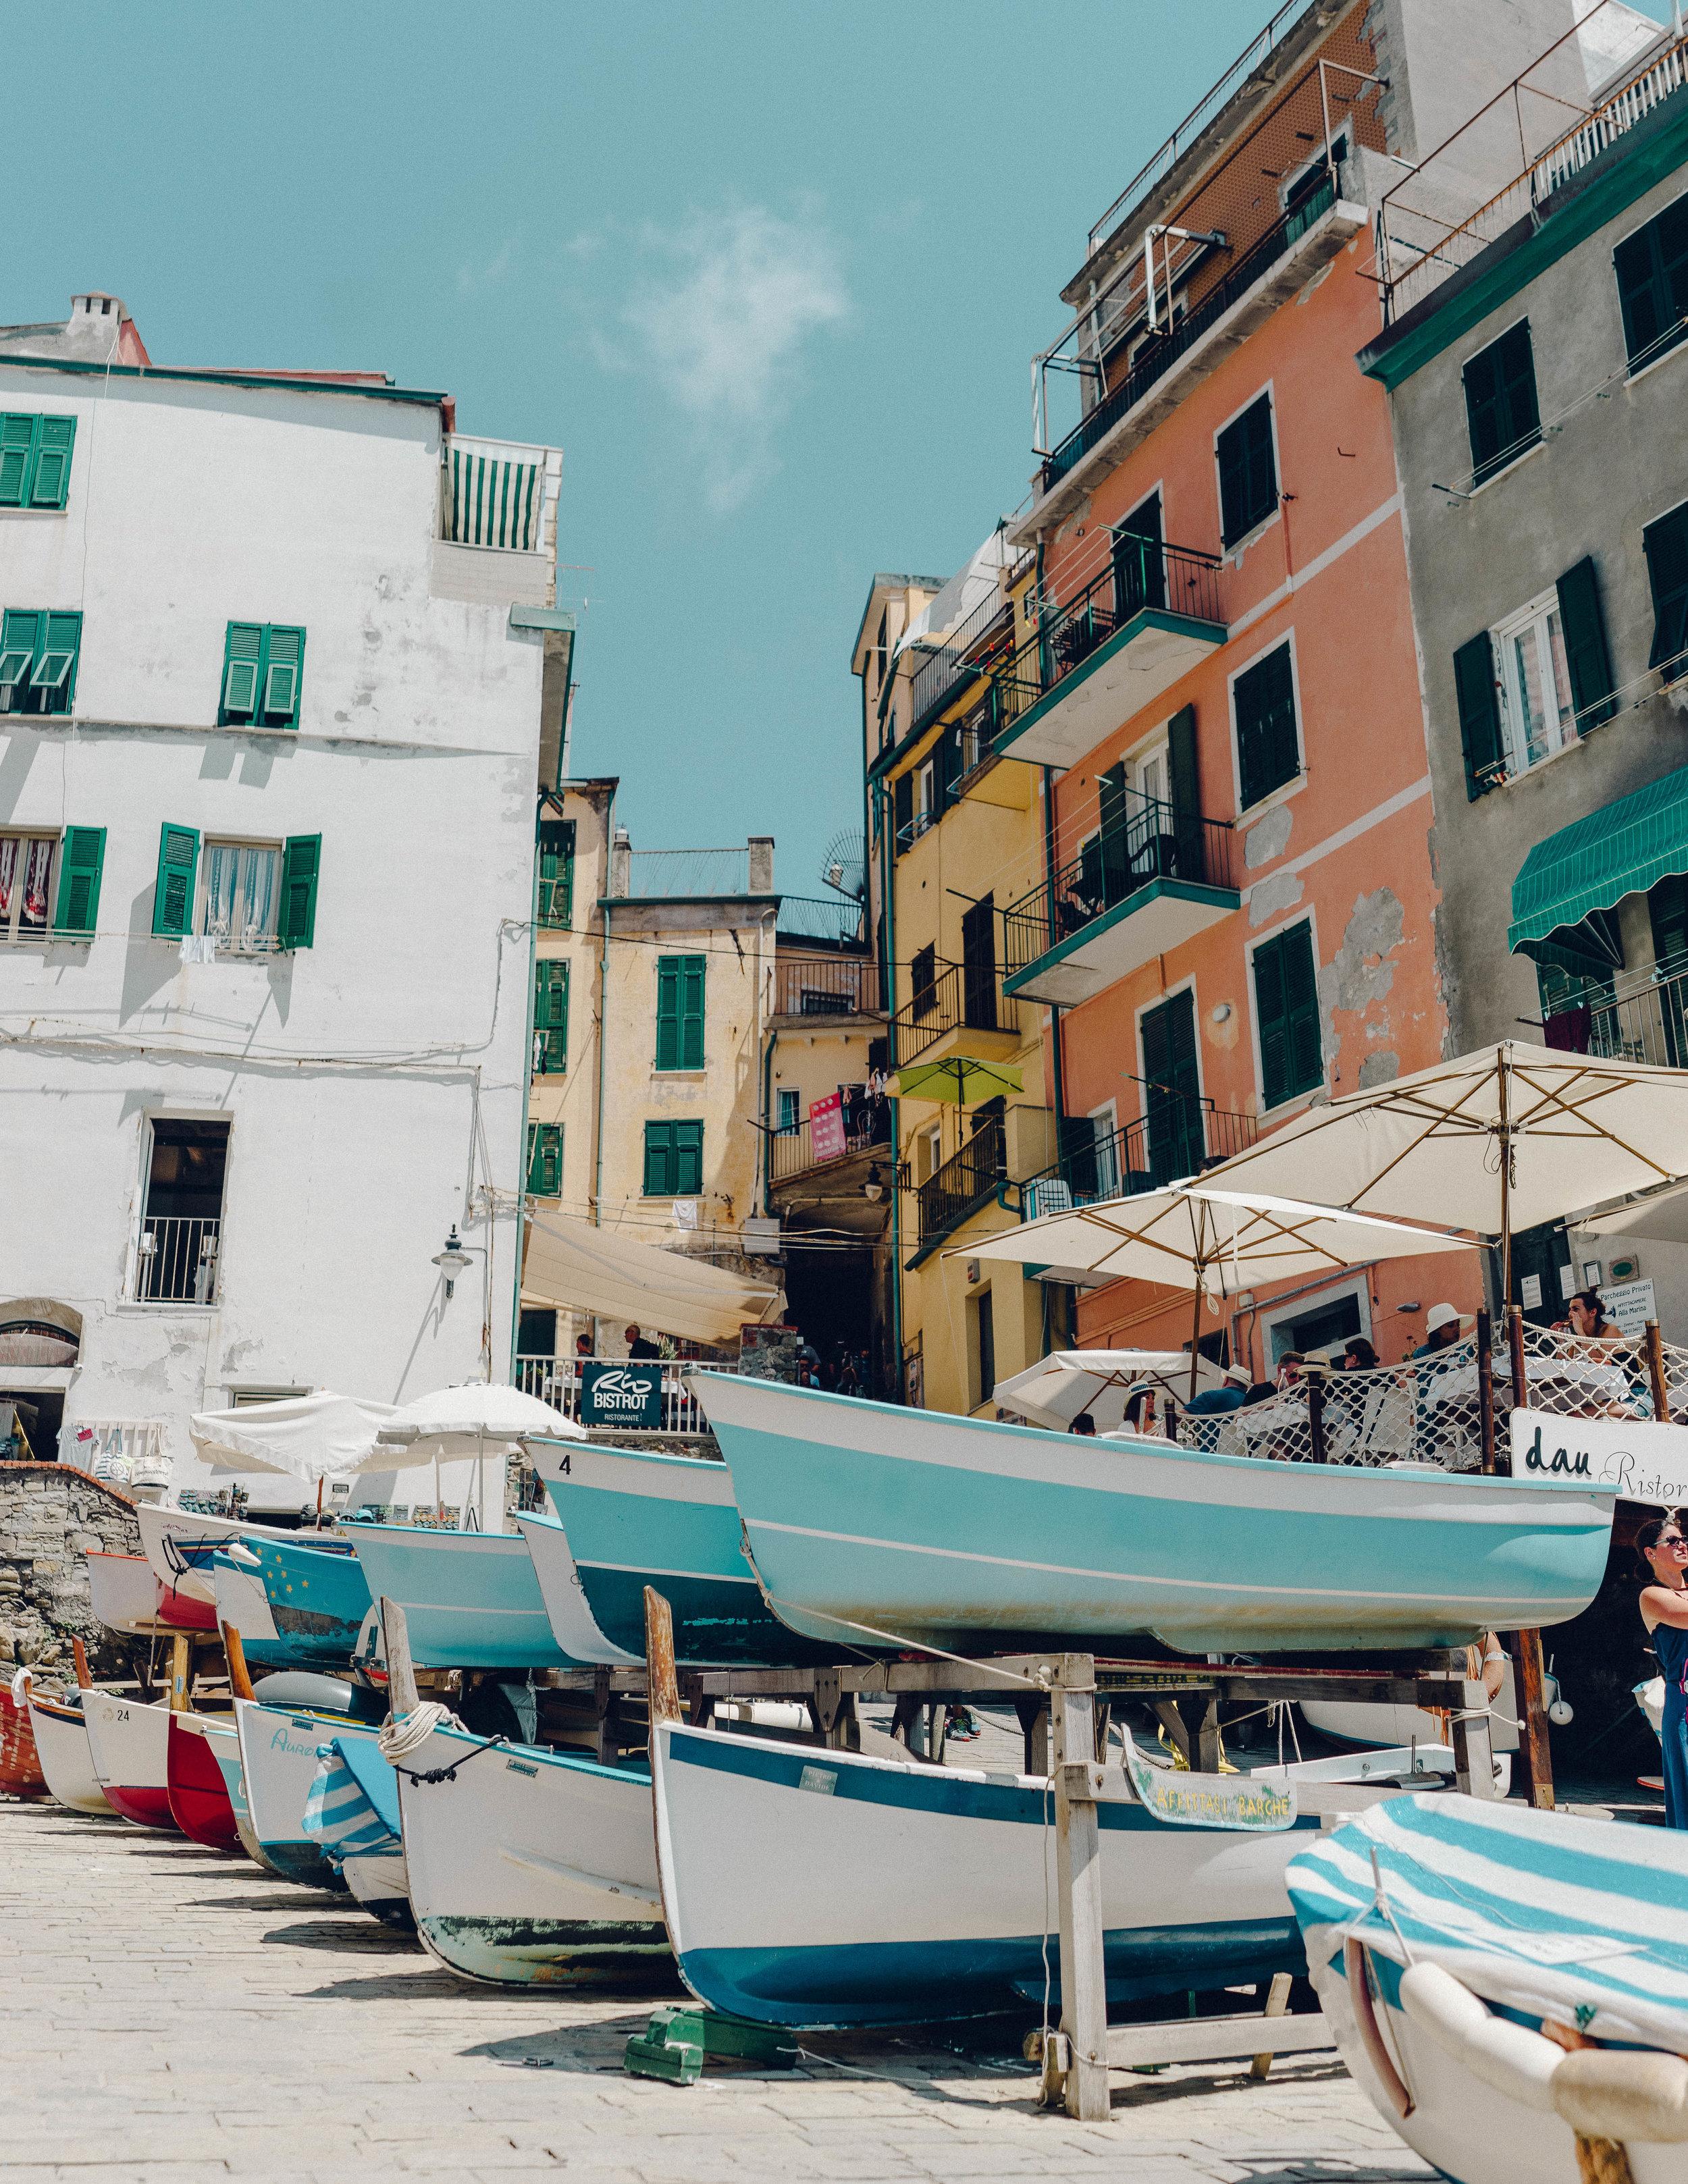 ASROSENVINGE_Roadtrip_Italy_Cinque_Terre-07817.jpg